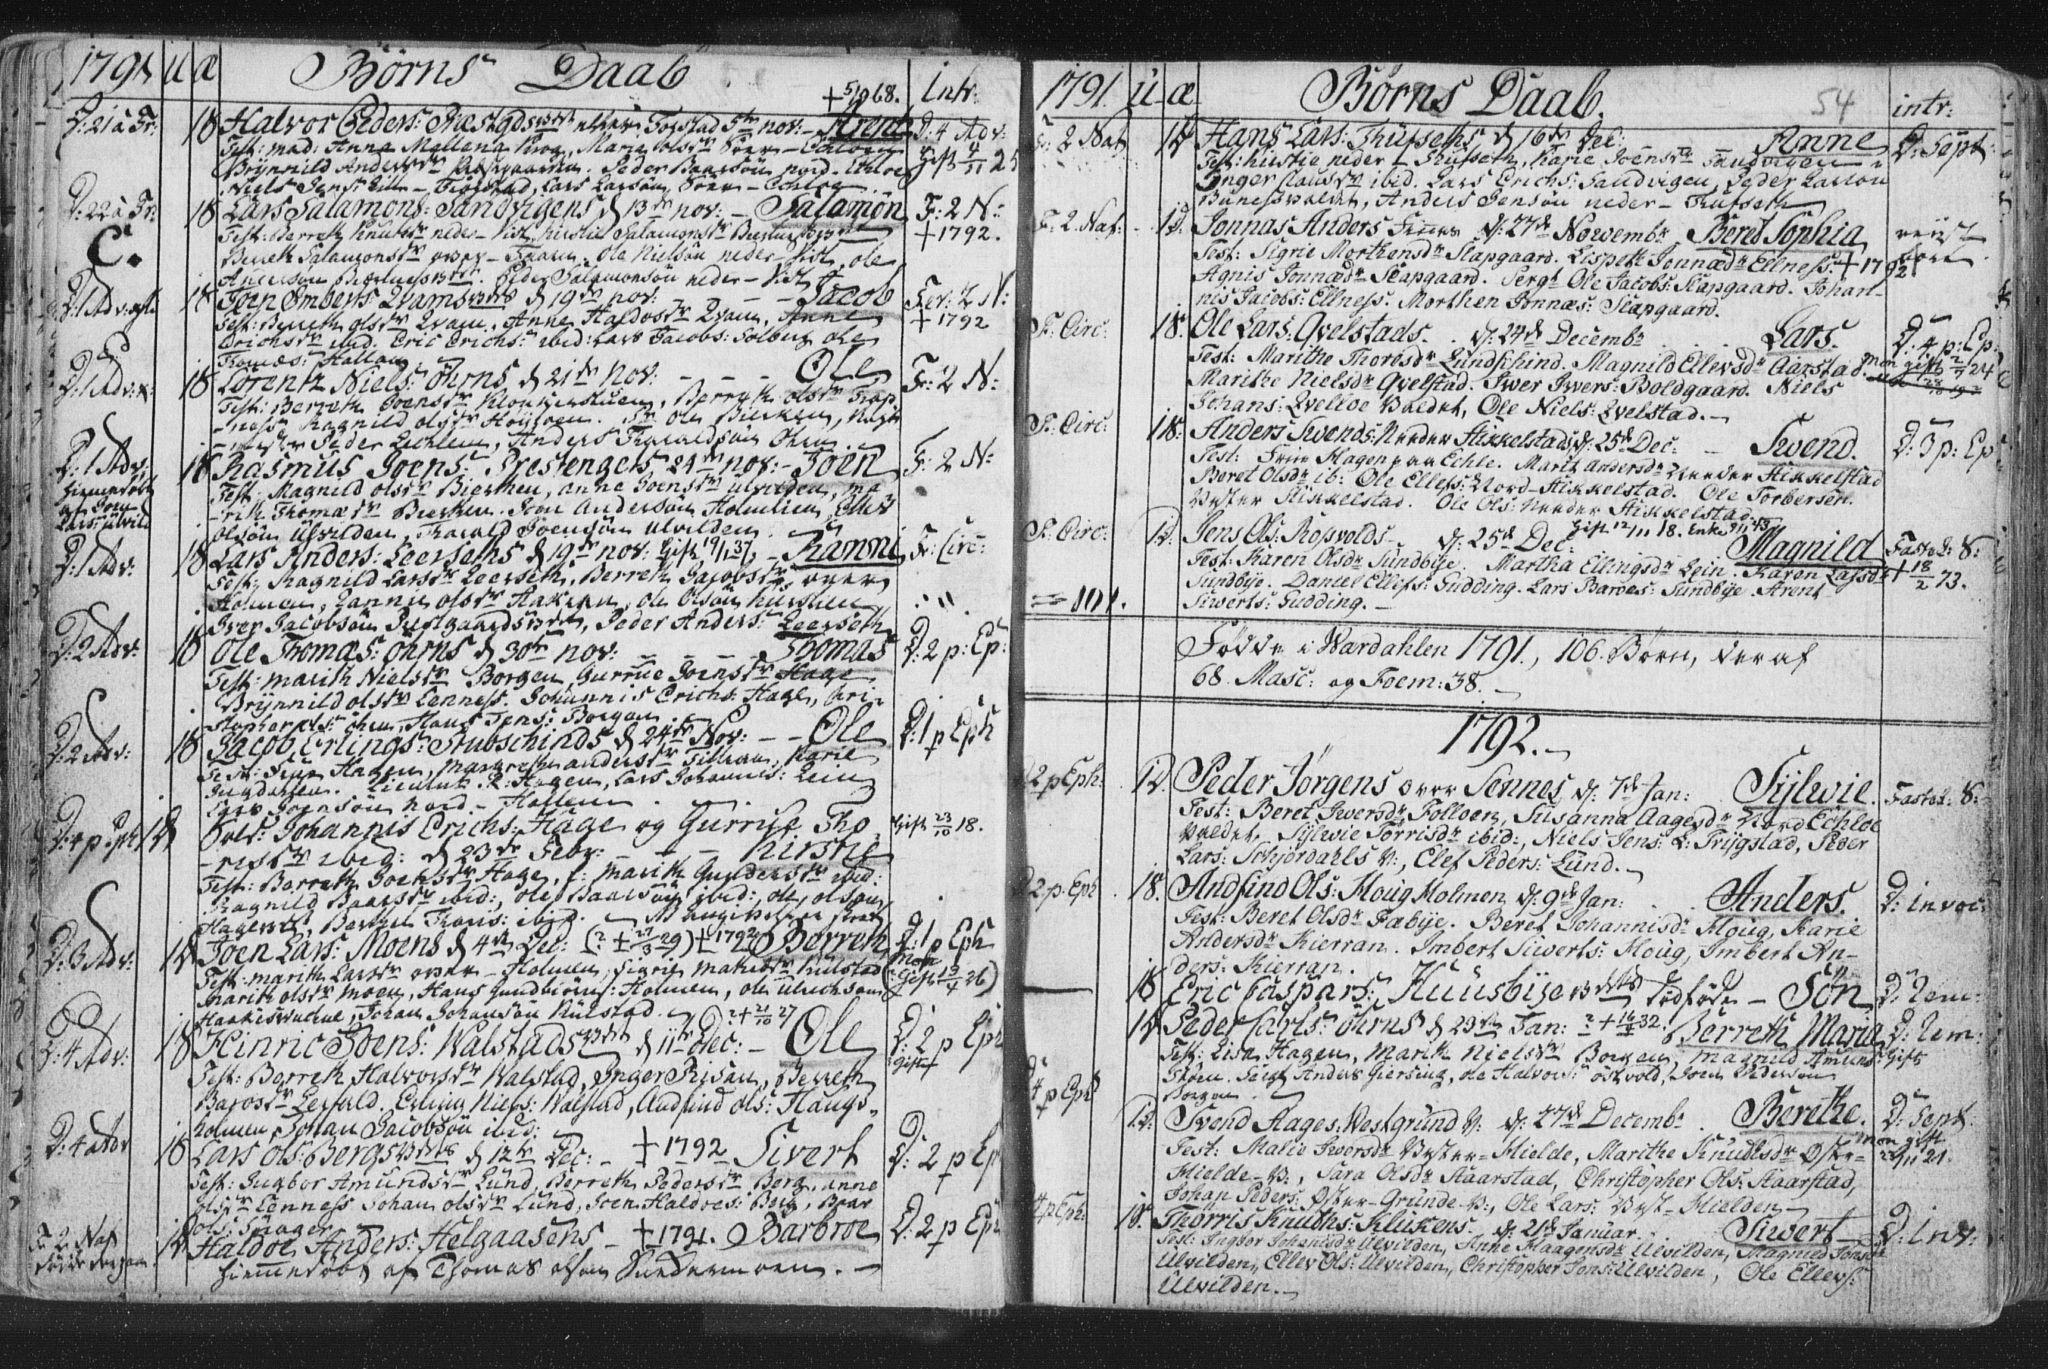 SAT, Ministerialprotokoller, klokkerbøker og fødselsregistre - Nord-Trøndelag, 723/L0232: Ministerialbok nr. 723A03, 1781-1804, s. 54